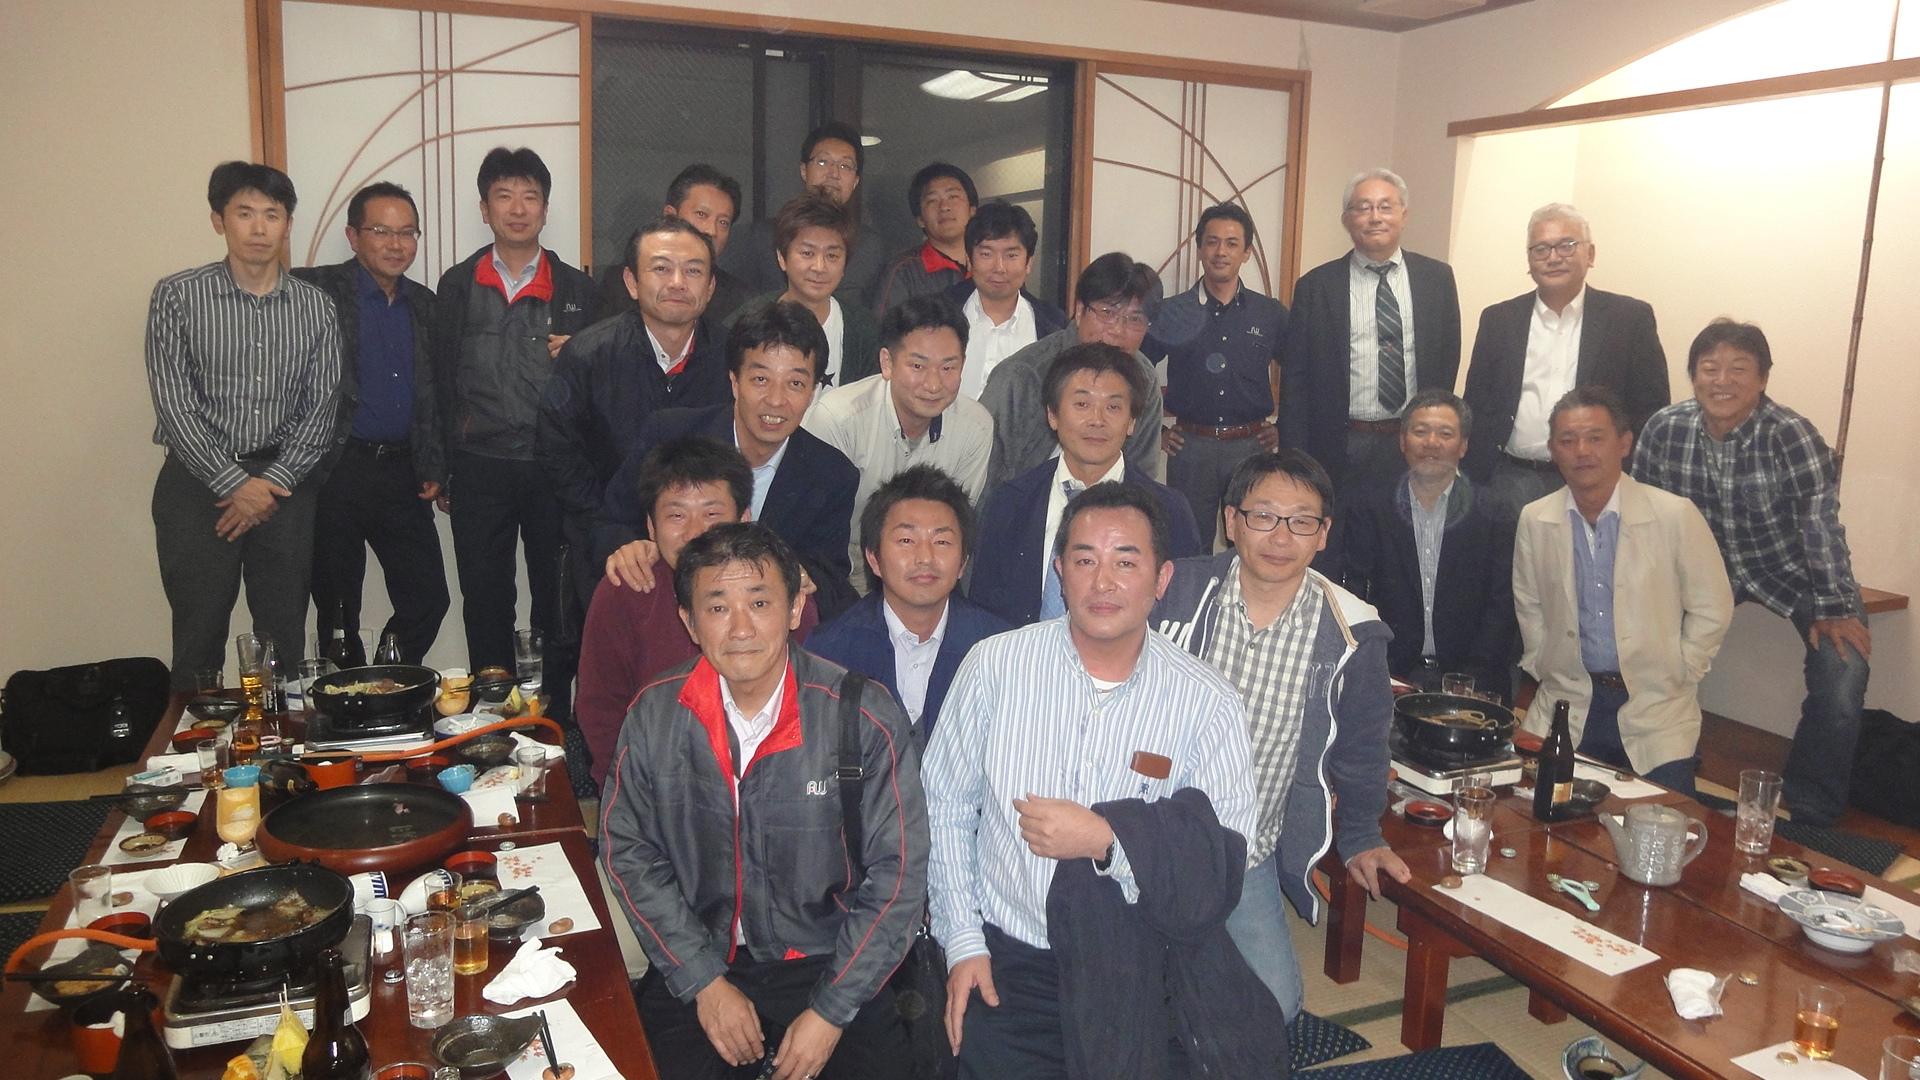 オーギヤグループの忘年会(安城市で宴会・法事・仕出し弁当は今寿司)